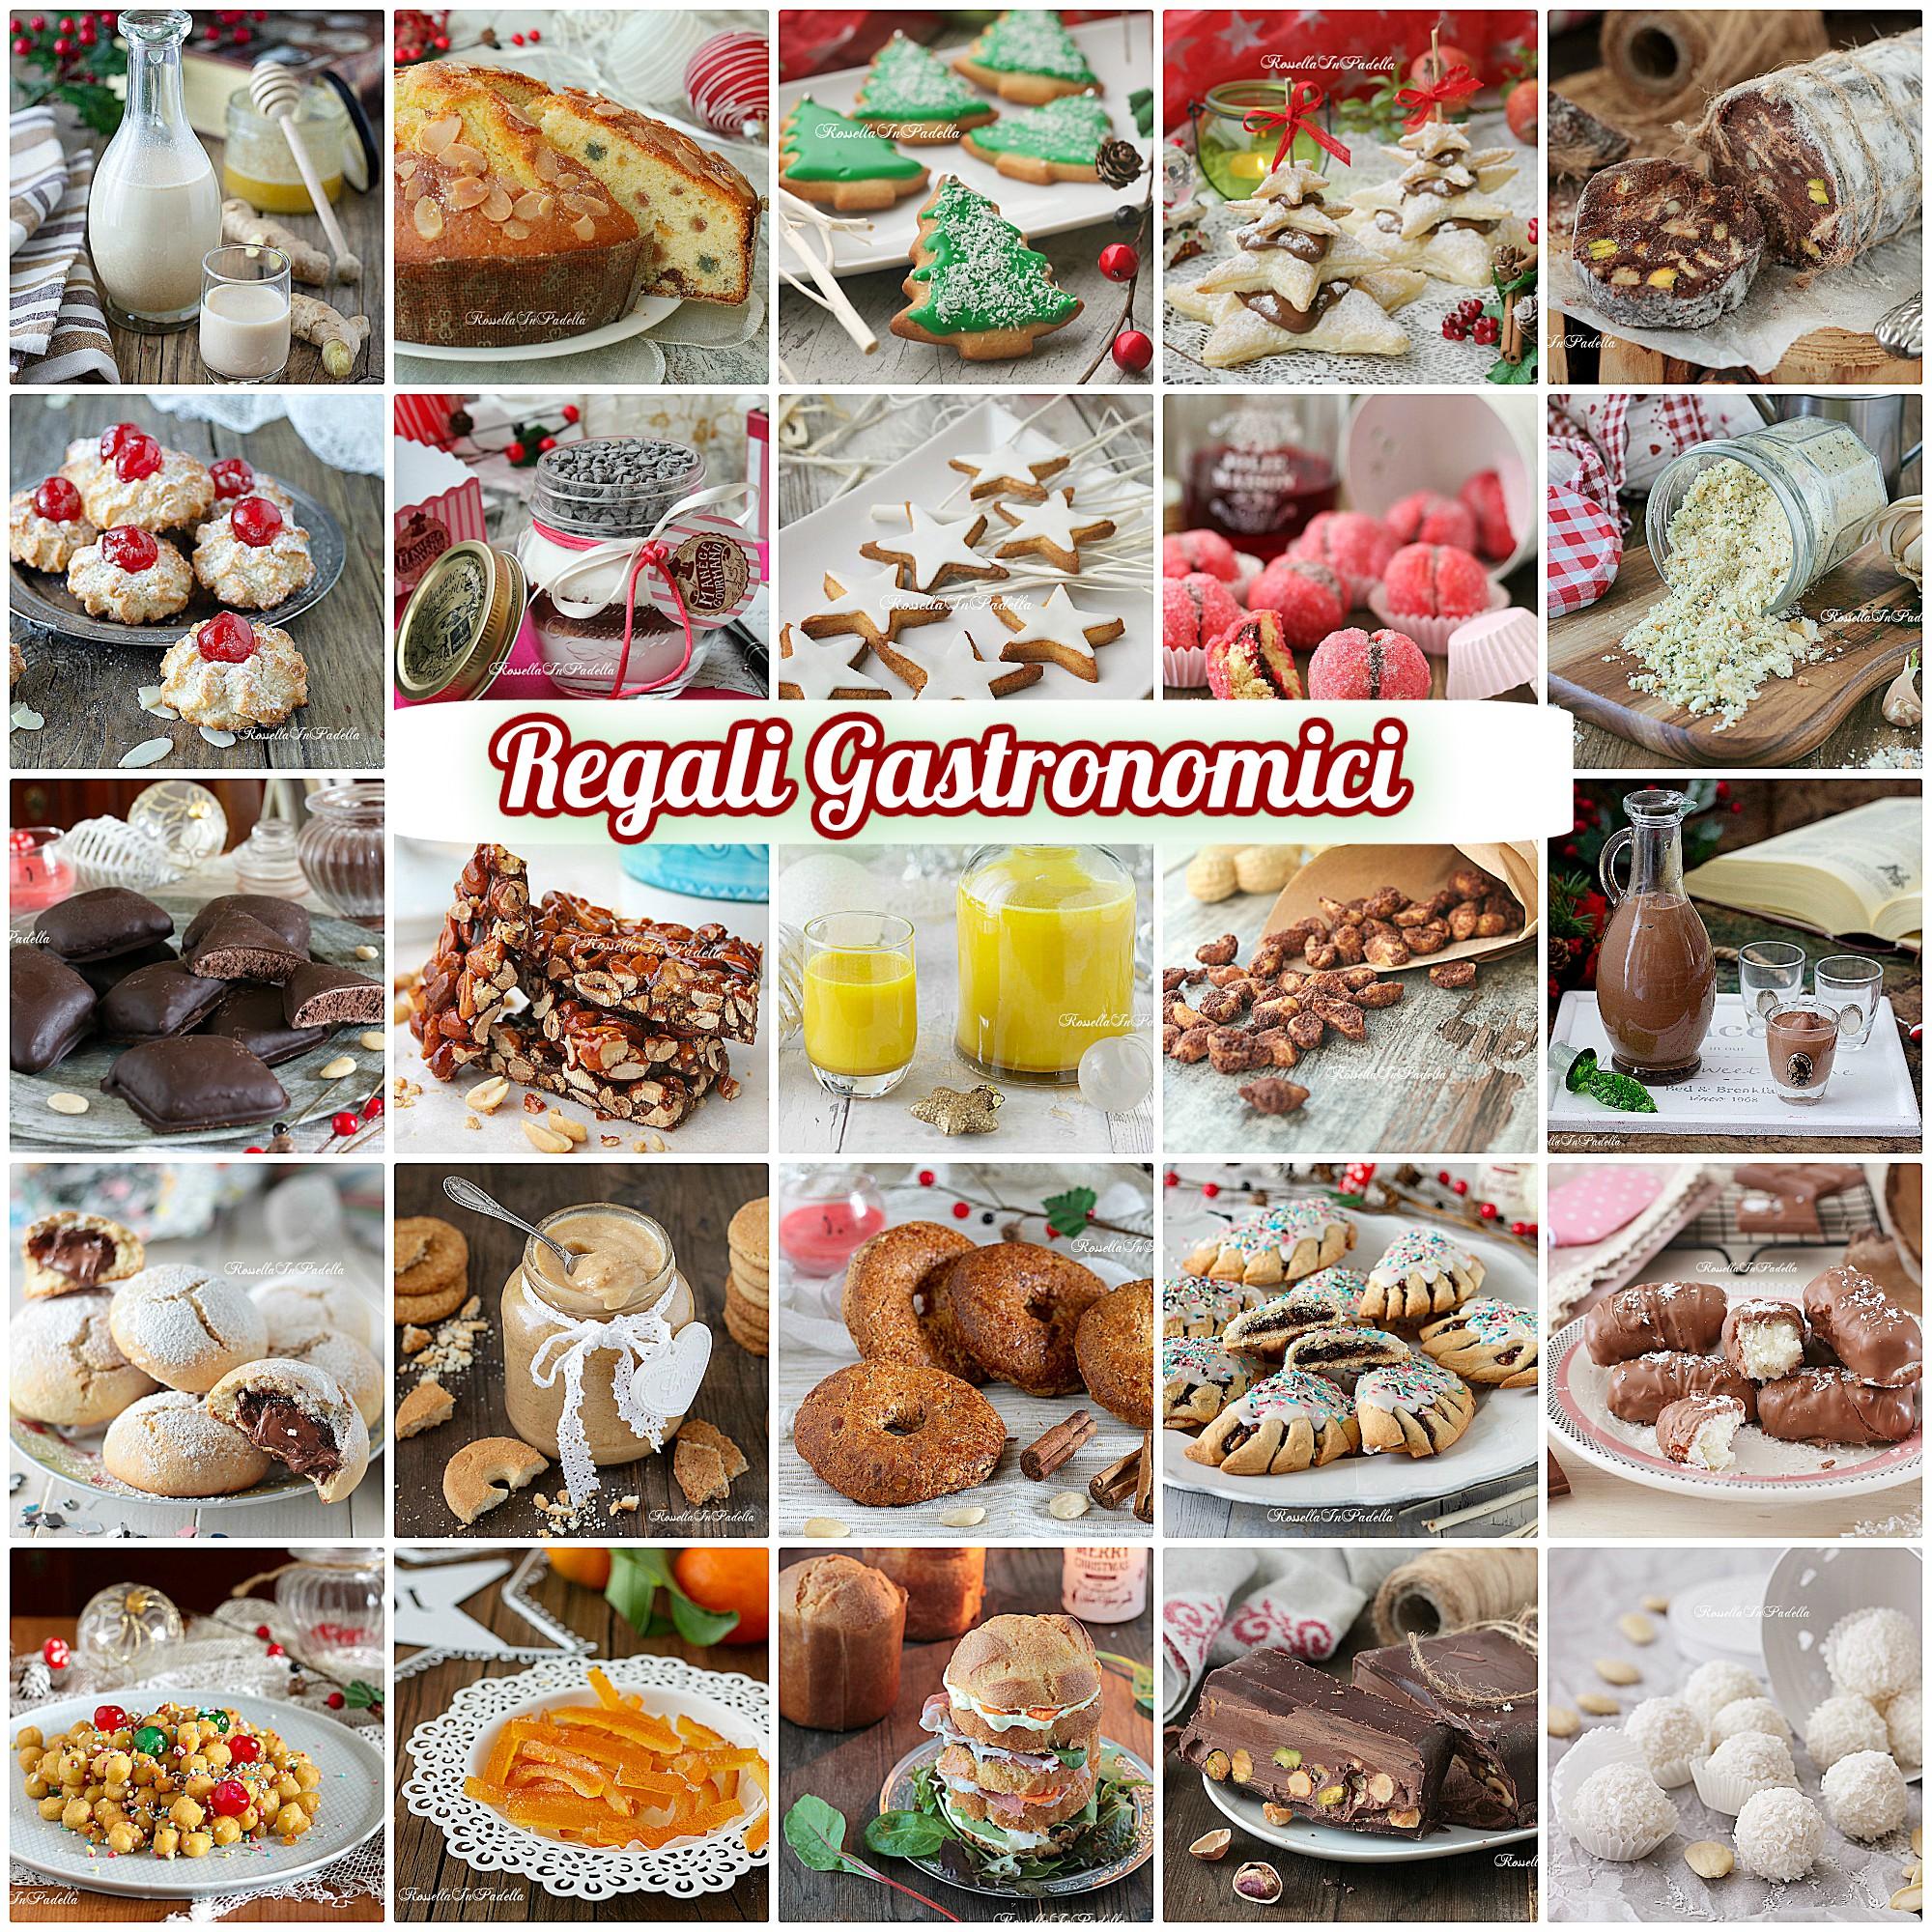 Regali gastronomici per Natale, più di 50 idee di ricette da regalare